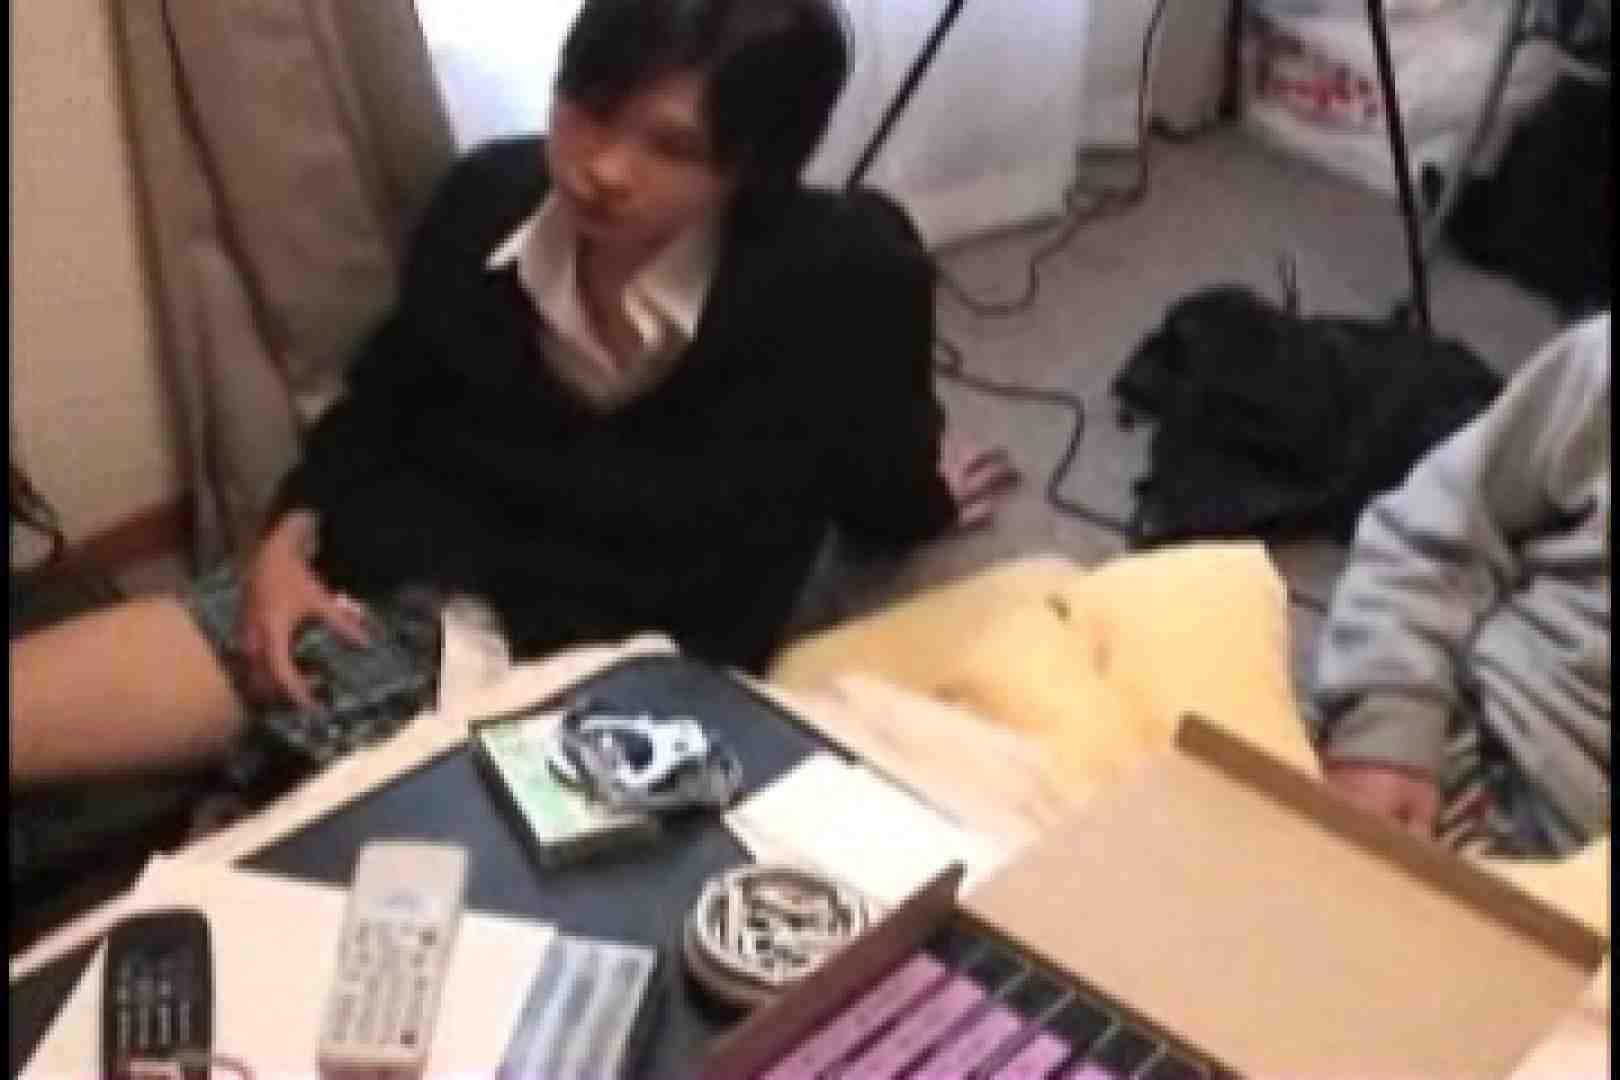 【個人製作投稿】青春真っ盛り!!2人でオナニー編 イケメンズ 男同士画像 89枚 74